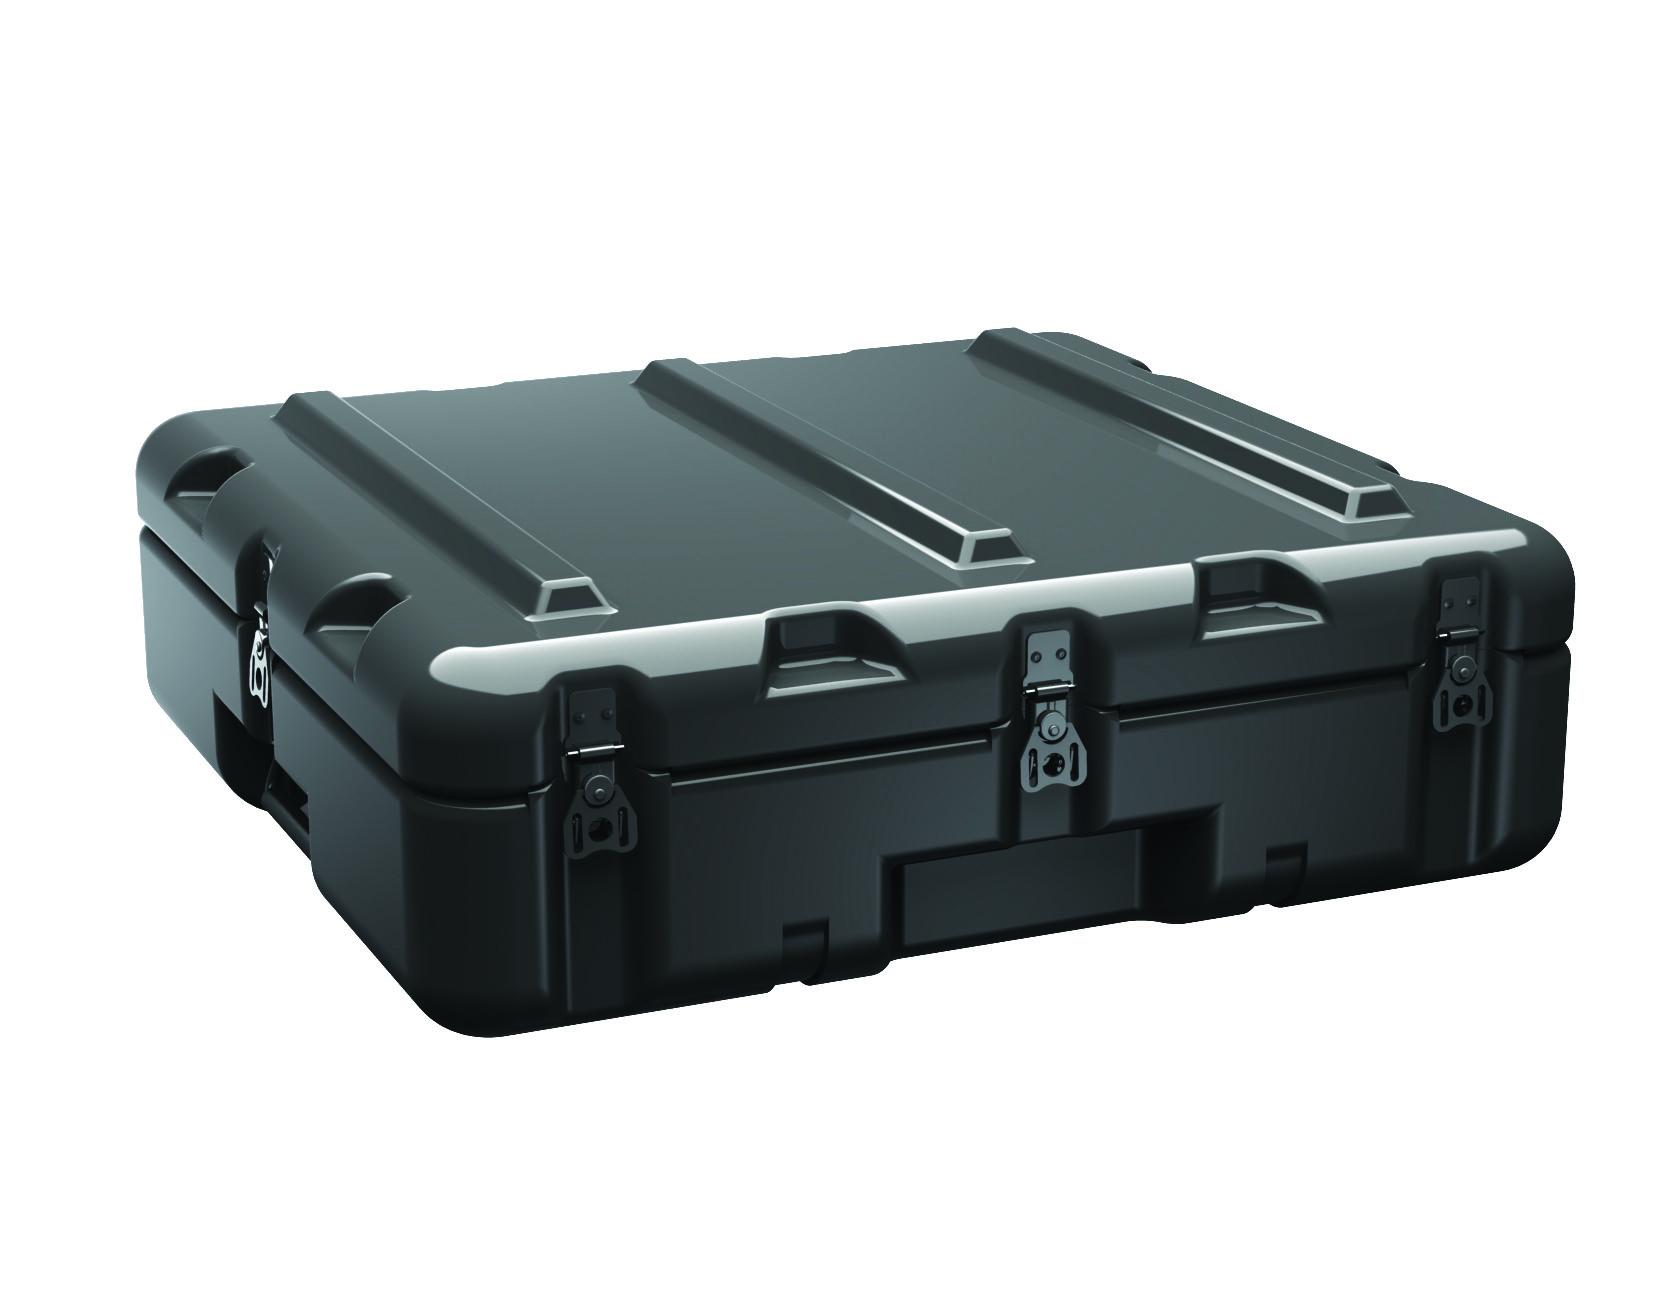 AL2221-0402  - AL2221-0402 Pelican Hardigg Shipping Case